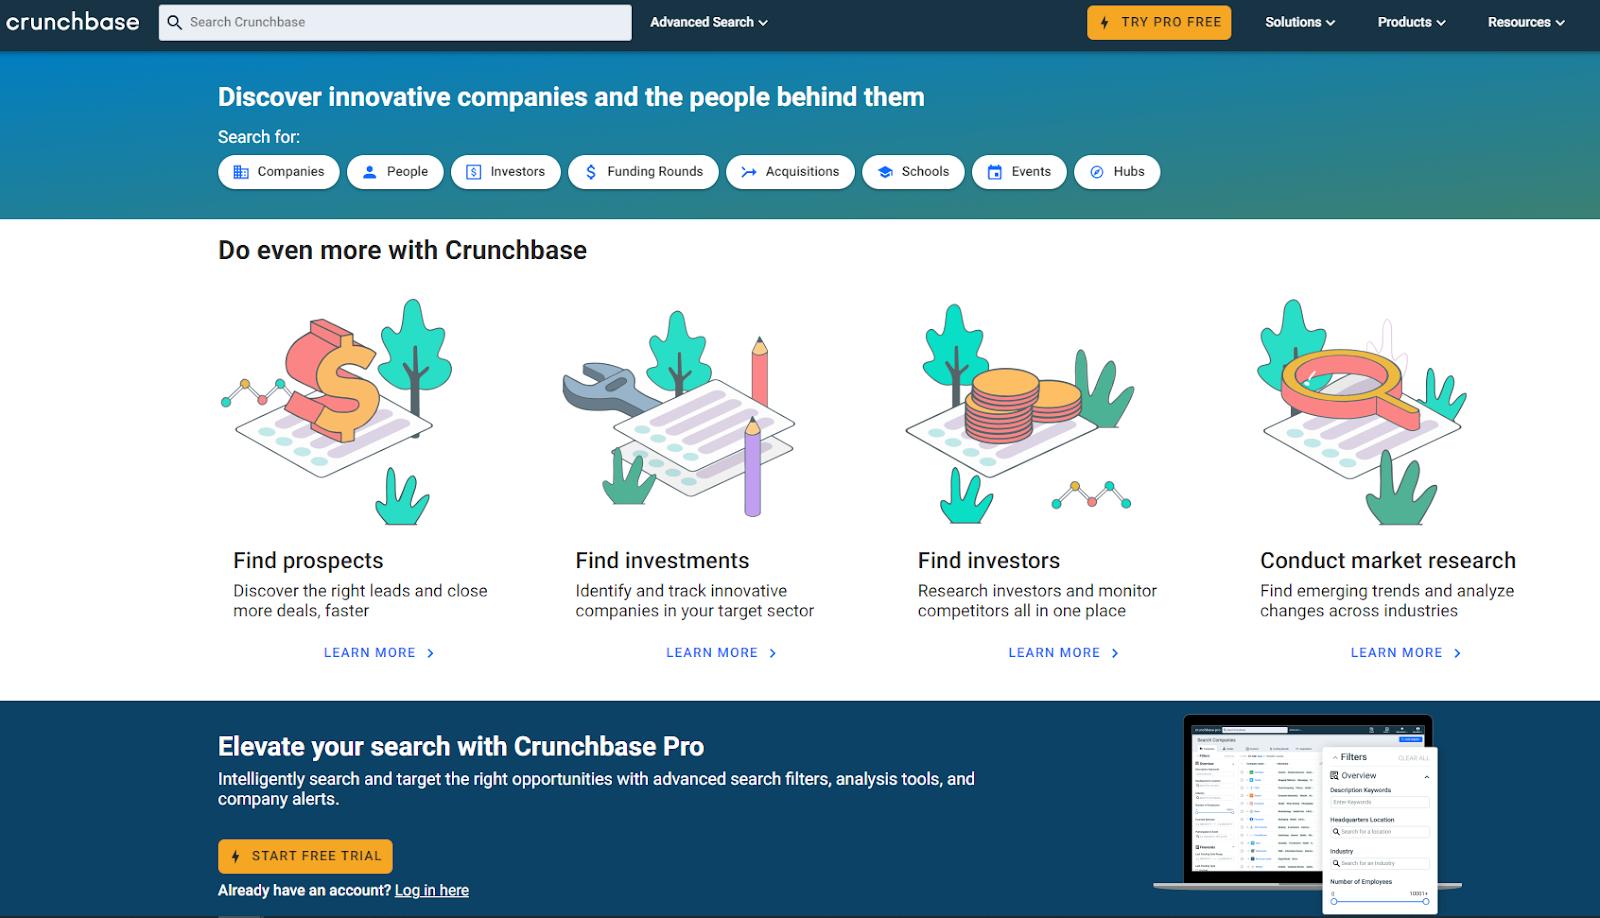 crunchbase for prospecting